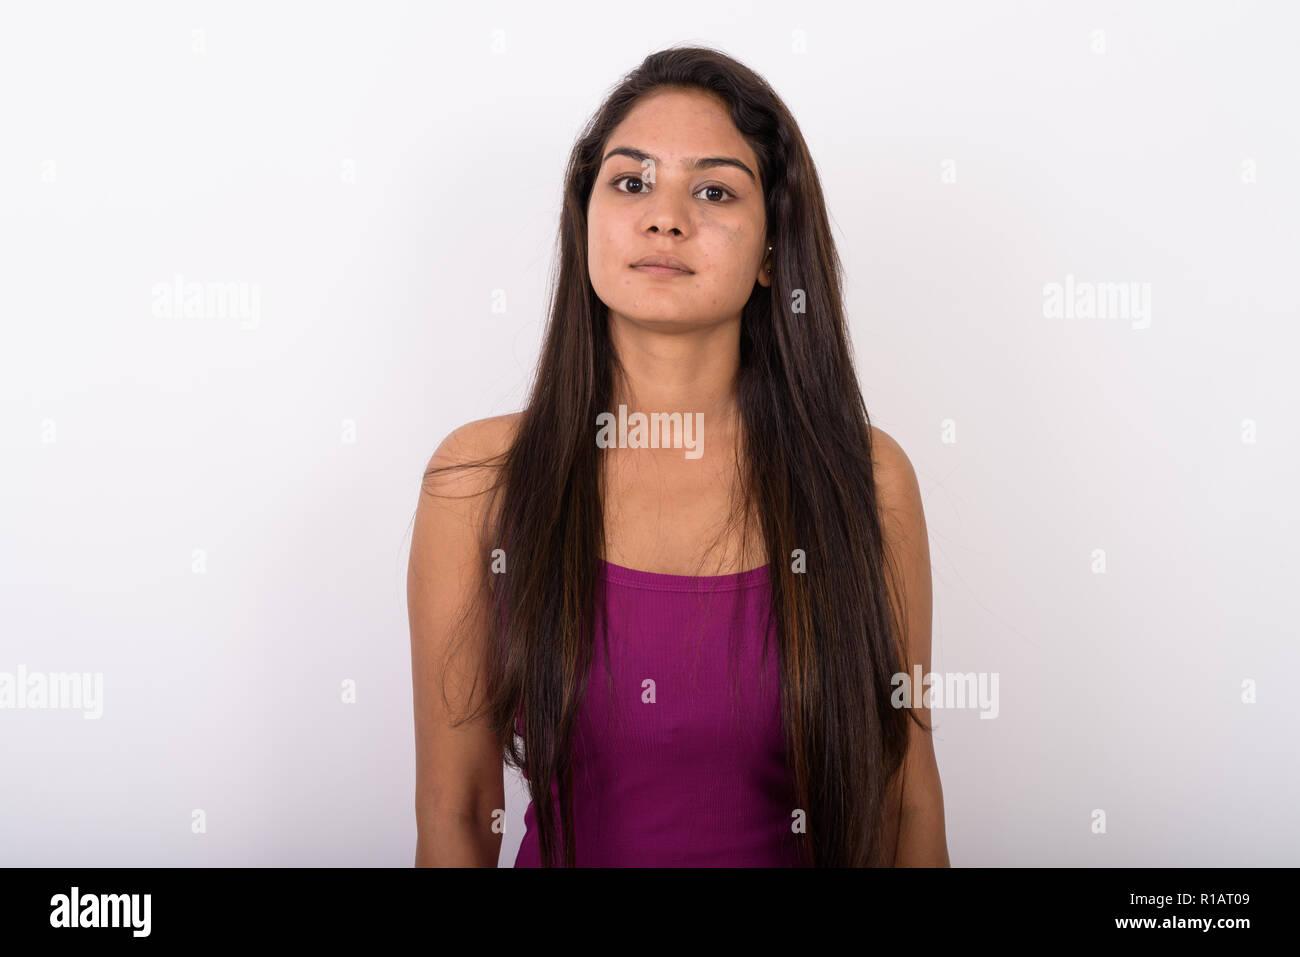 Foto de estudio de la joven mujer India vistiendo camisetas sin mangas contra whi Imagen De Stock